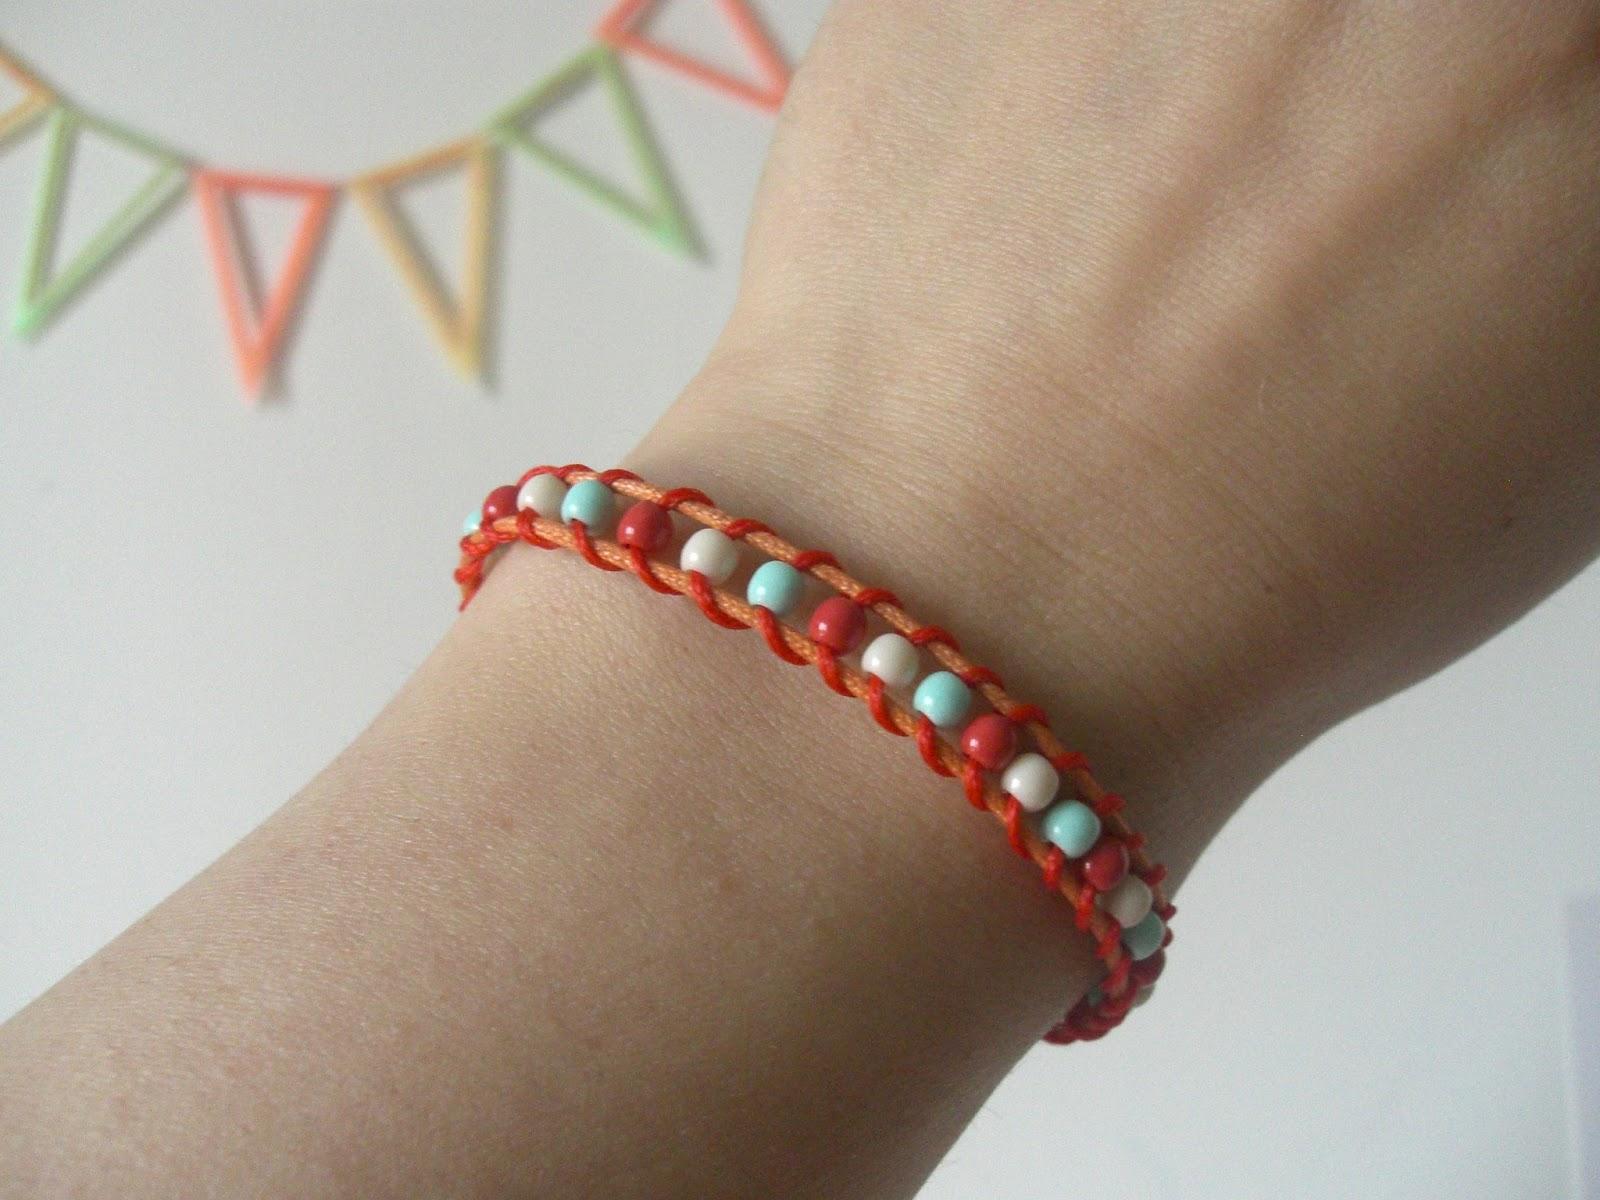 Berühmt Gabulle in Wonderland: Petit bracelet acidulé à faire soi-même QU23